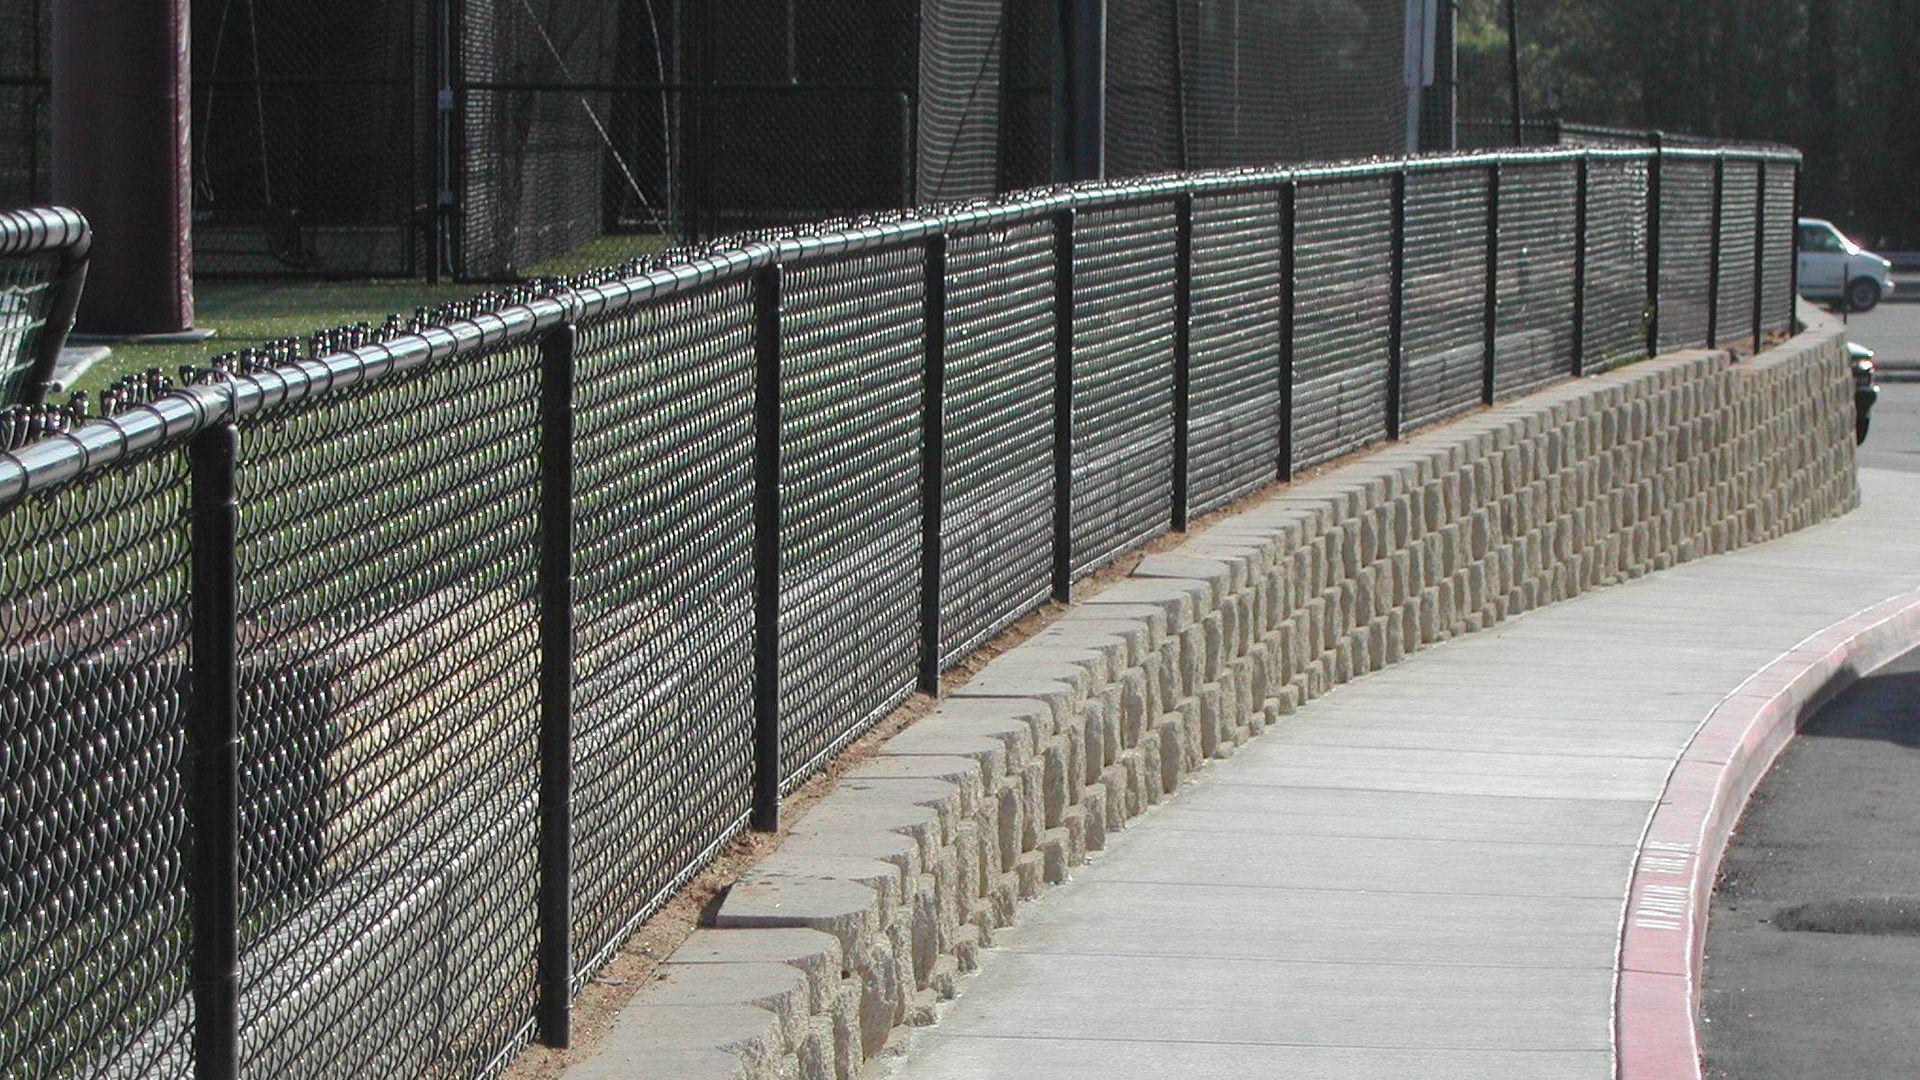 Chain Link Fence Supplies Ventura Camarillo Atascadero